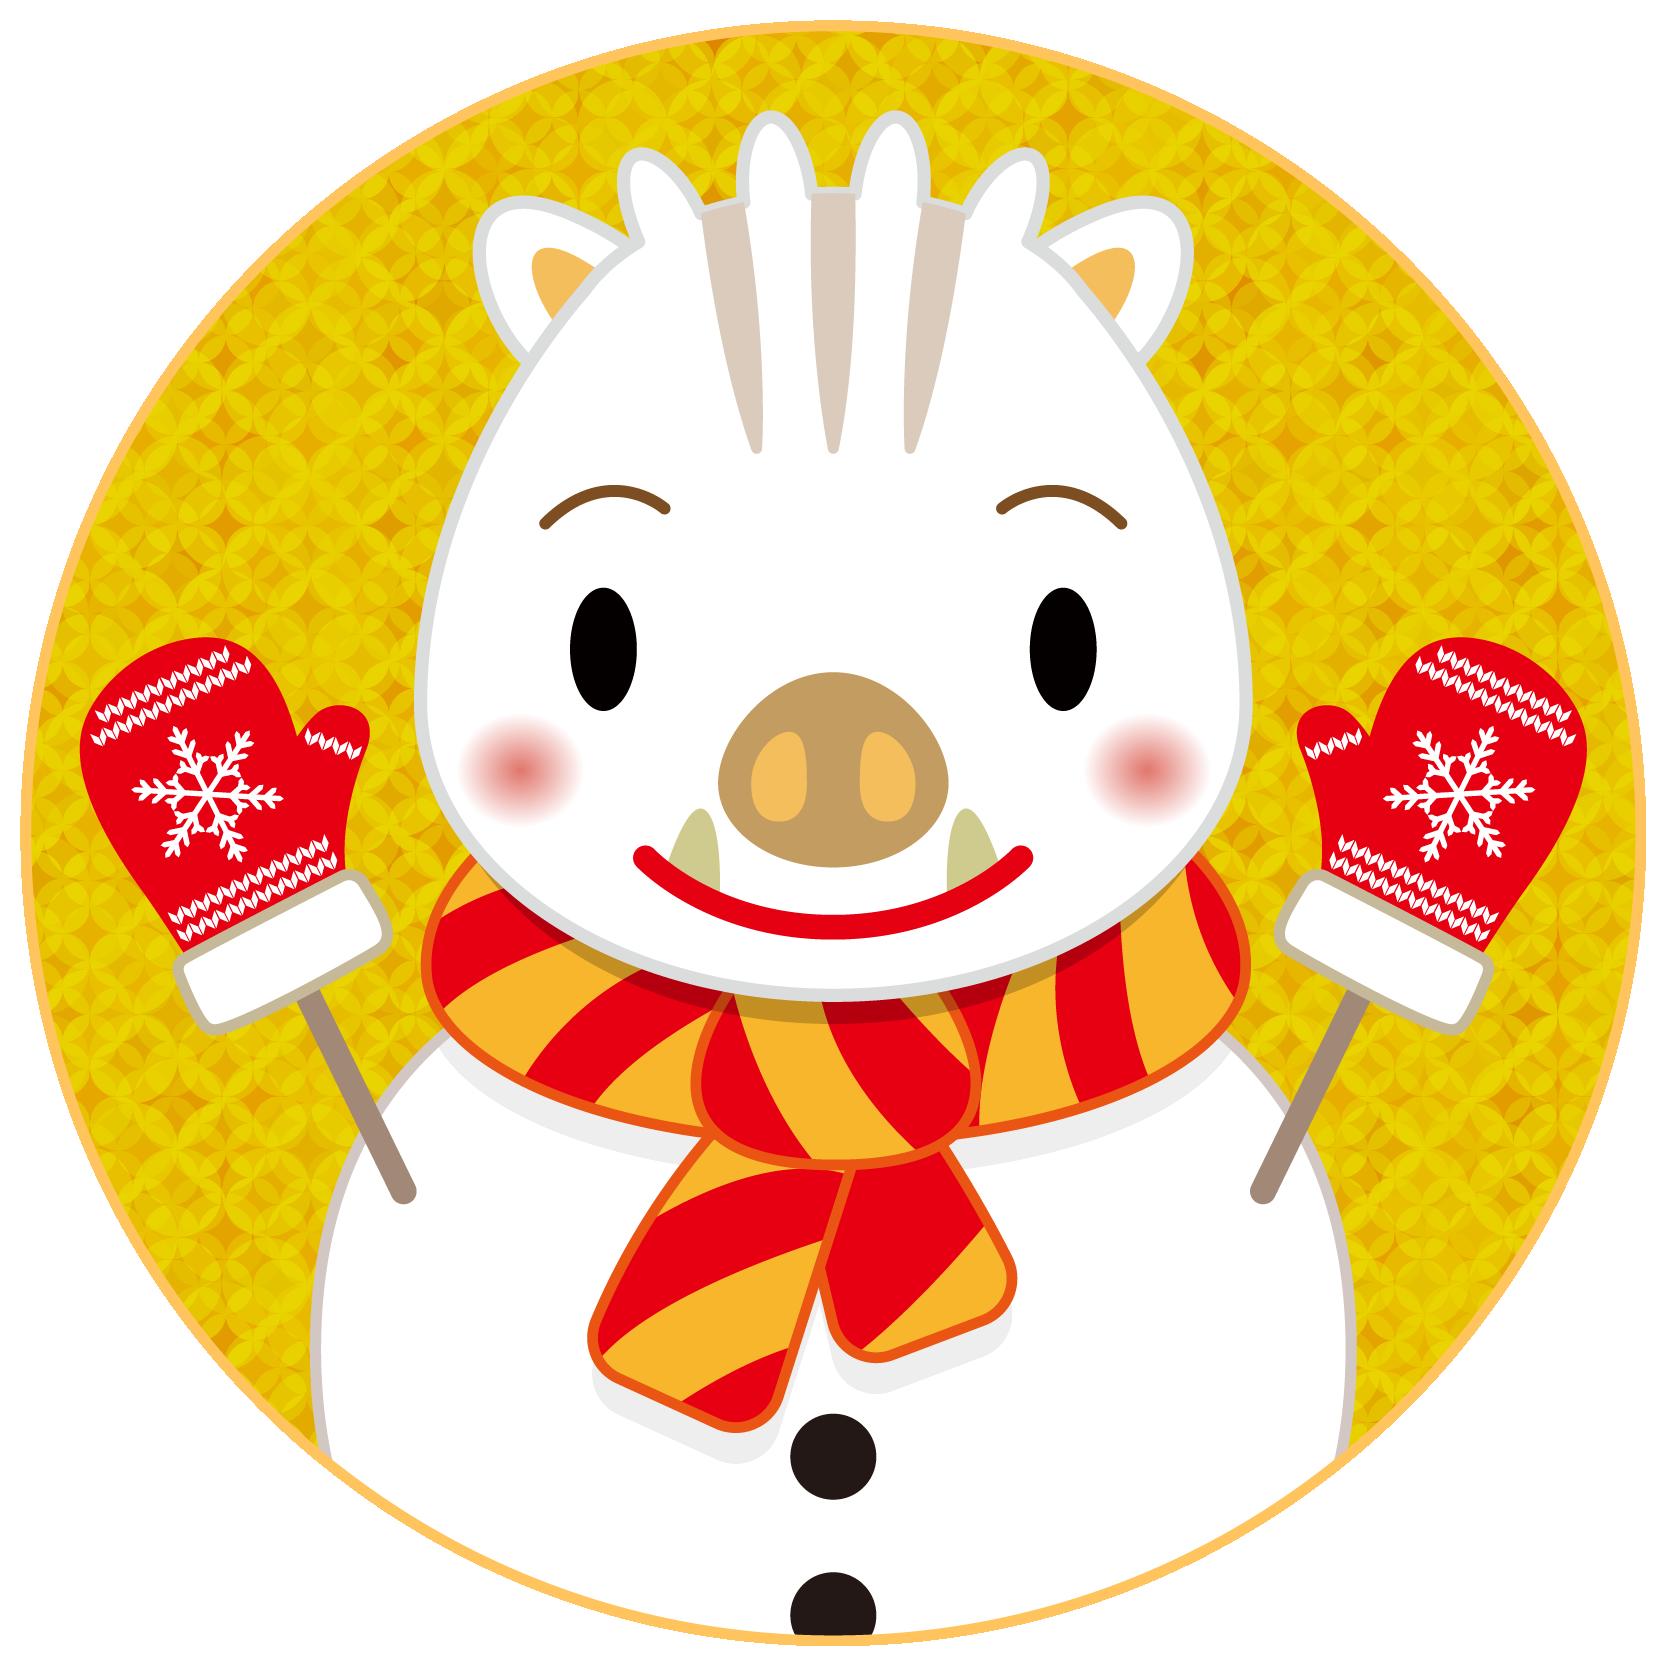 商用フリー・無料イラスト_白干支_干支いのしし(イノシシ・猪・うりぼう・ウリ坊)雪だるま_背景金